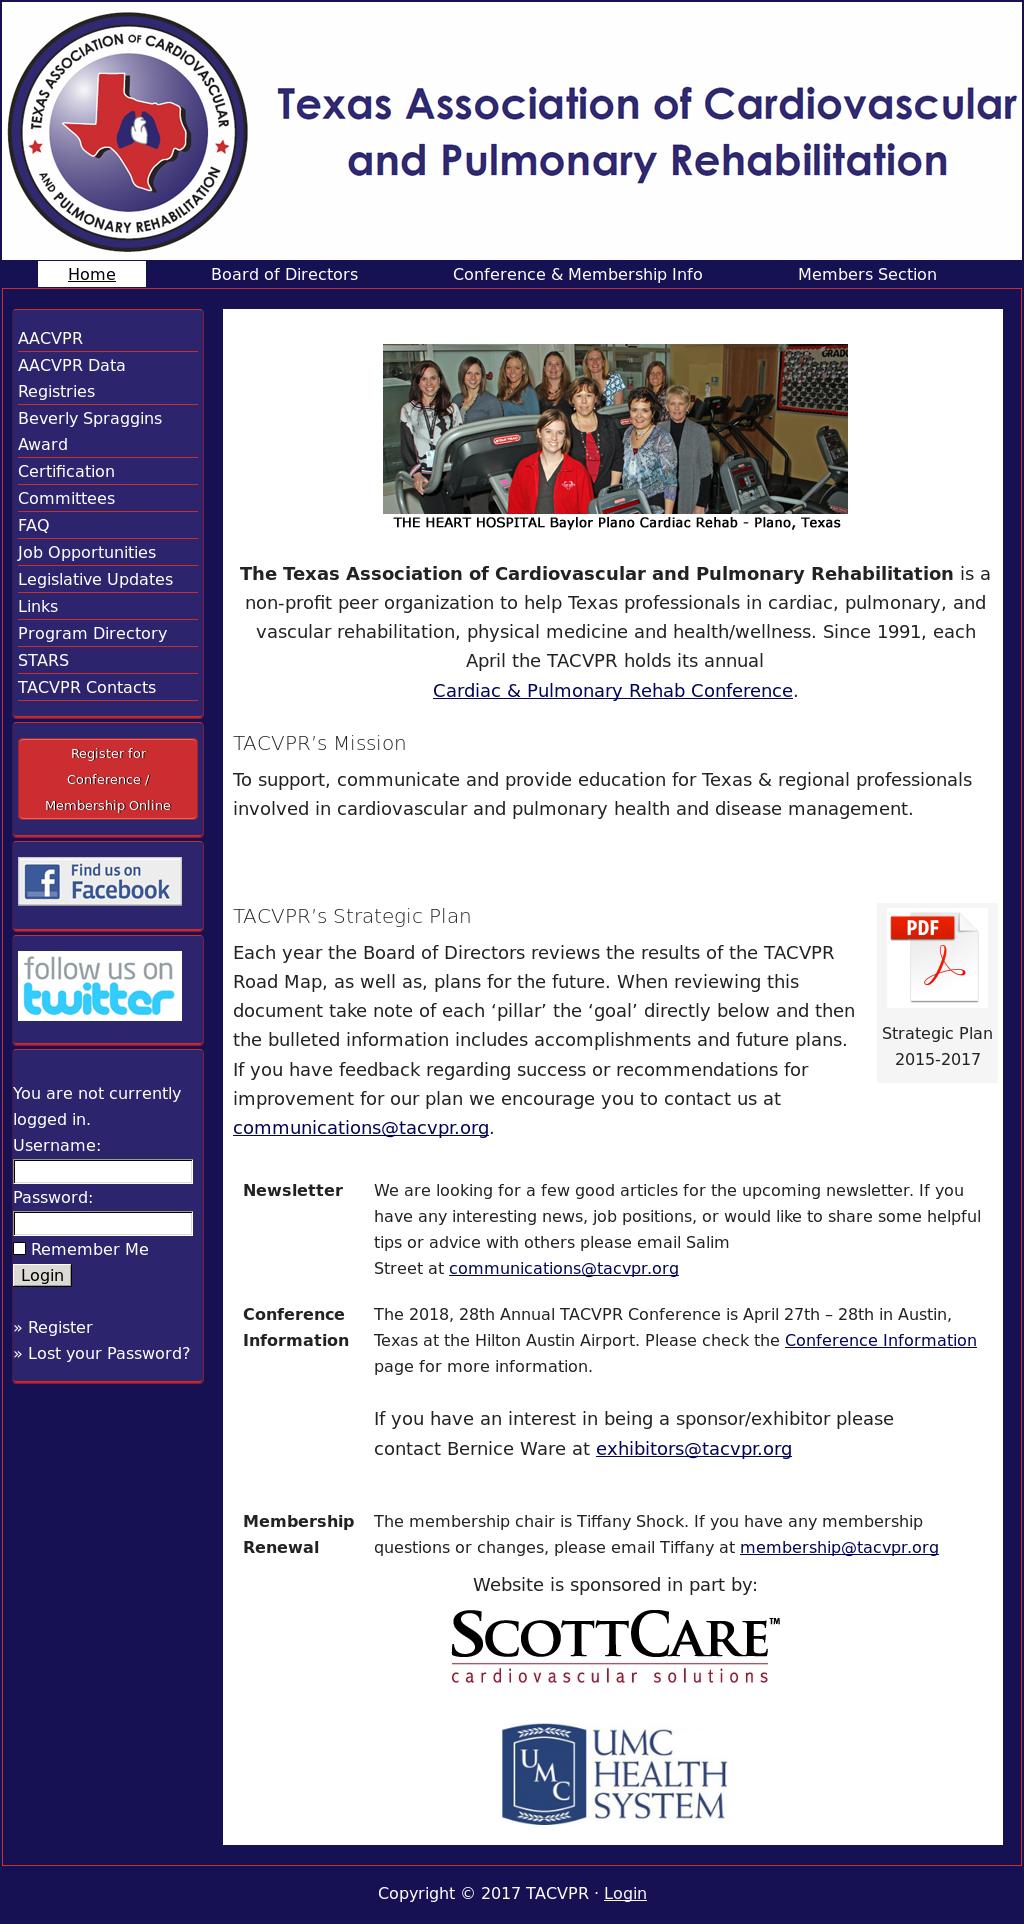 texas association of cardiovascular and pulmonary rehabilitation